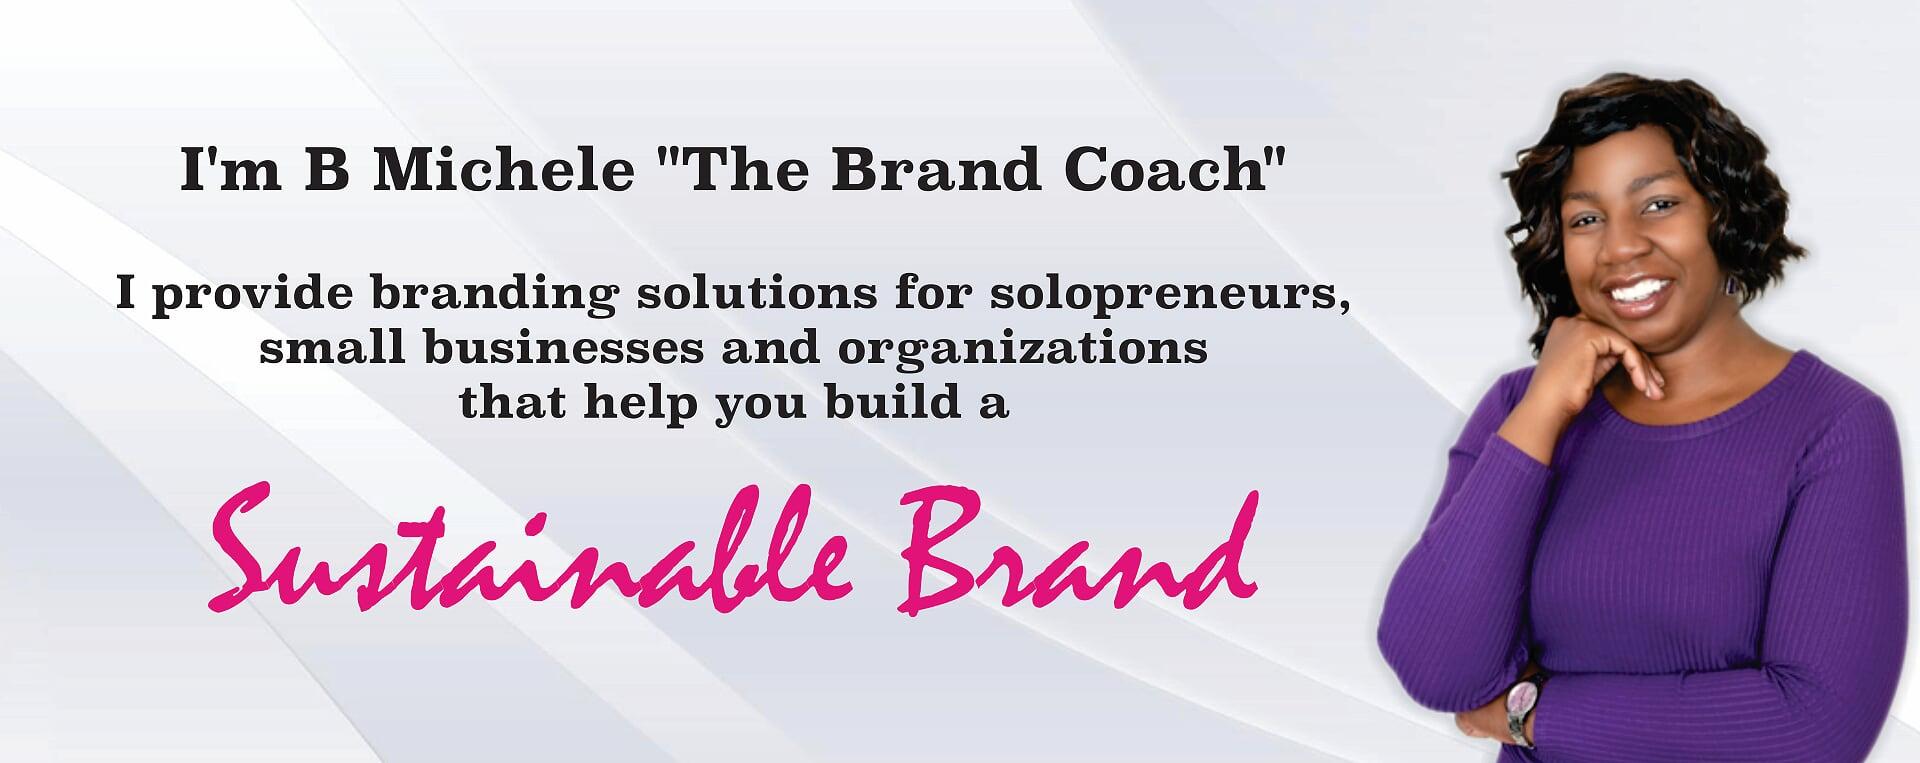 B Michele Brand Coach